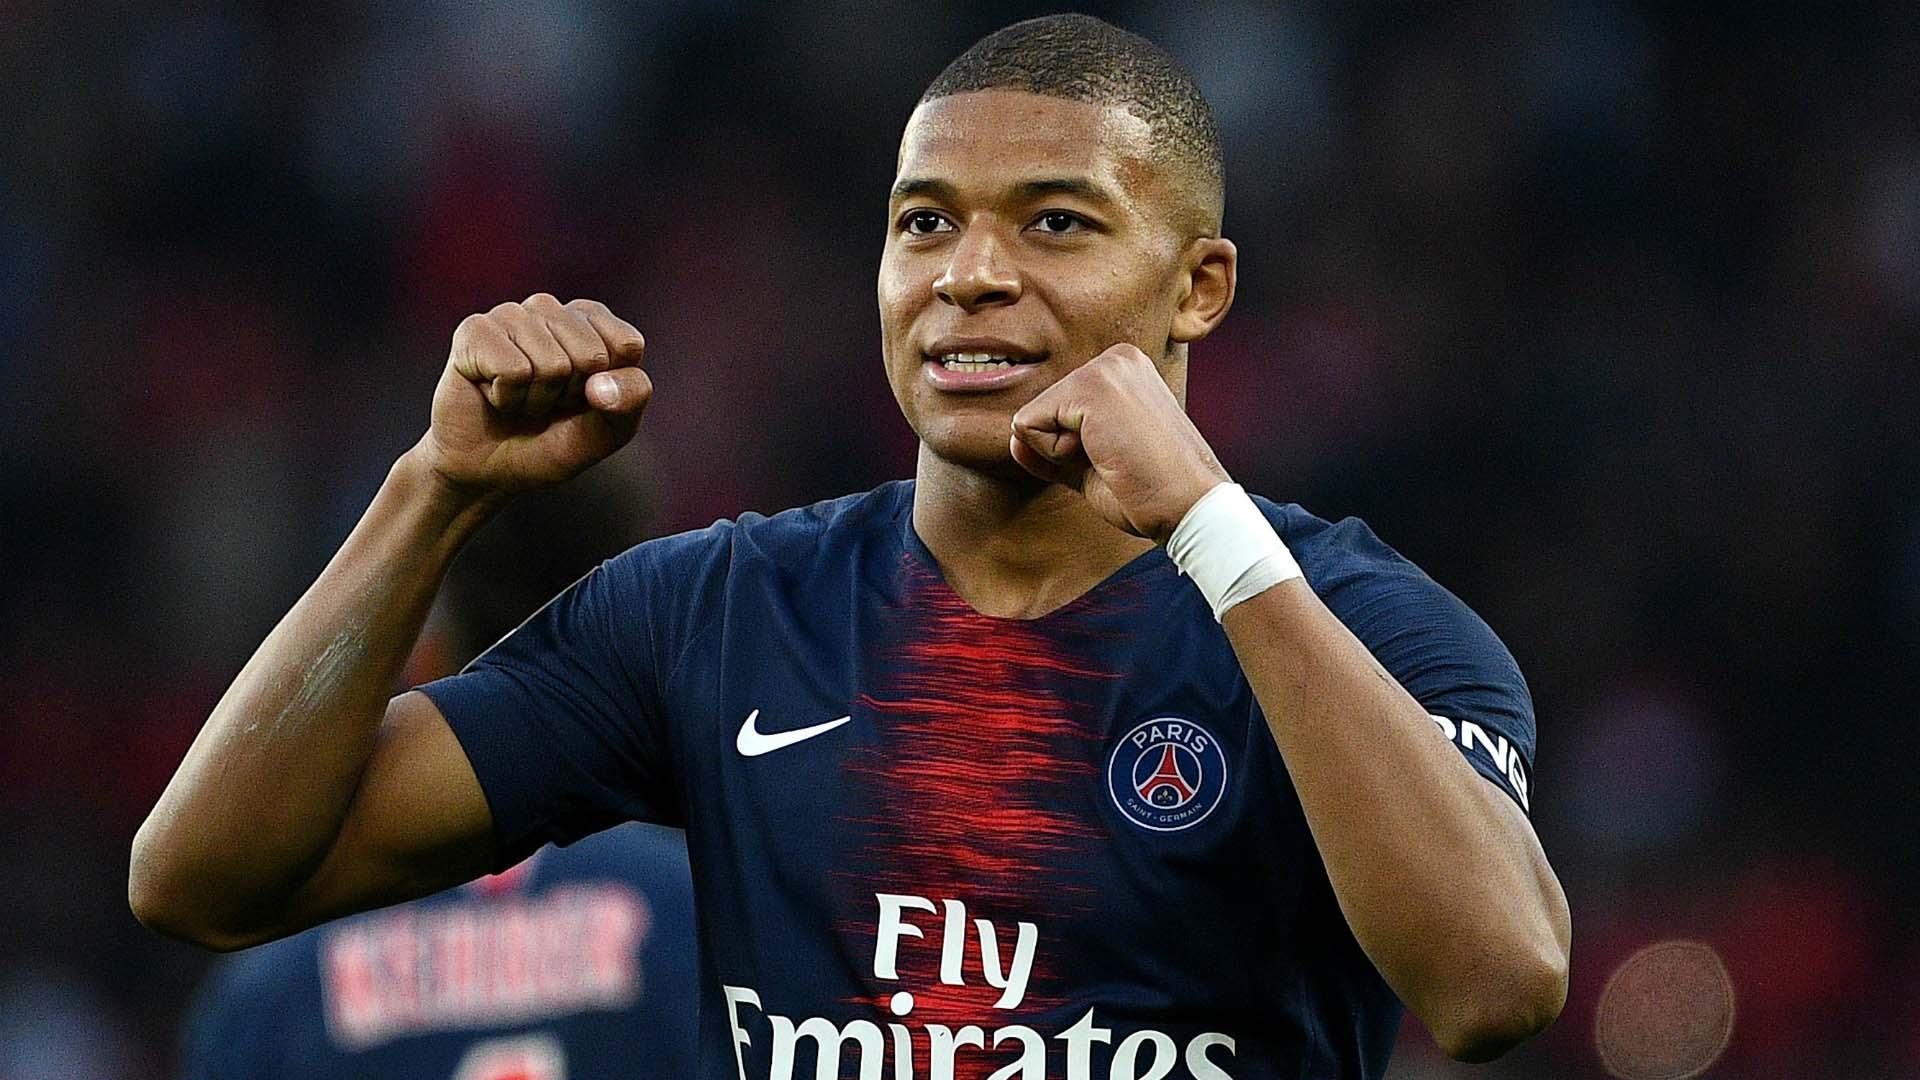 """PSG/Guingamp - Mbappé """"Maintenant, il faut continuer et enchaîner"""""""